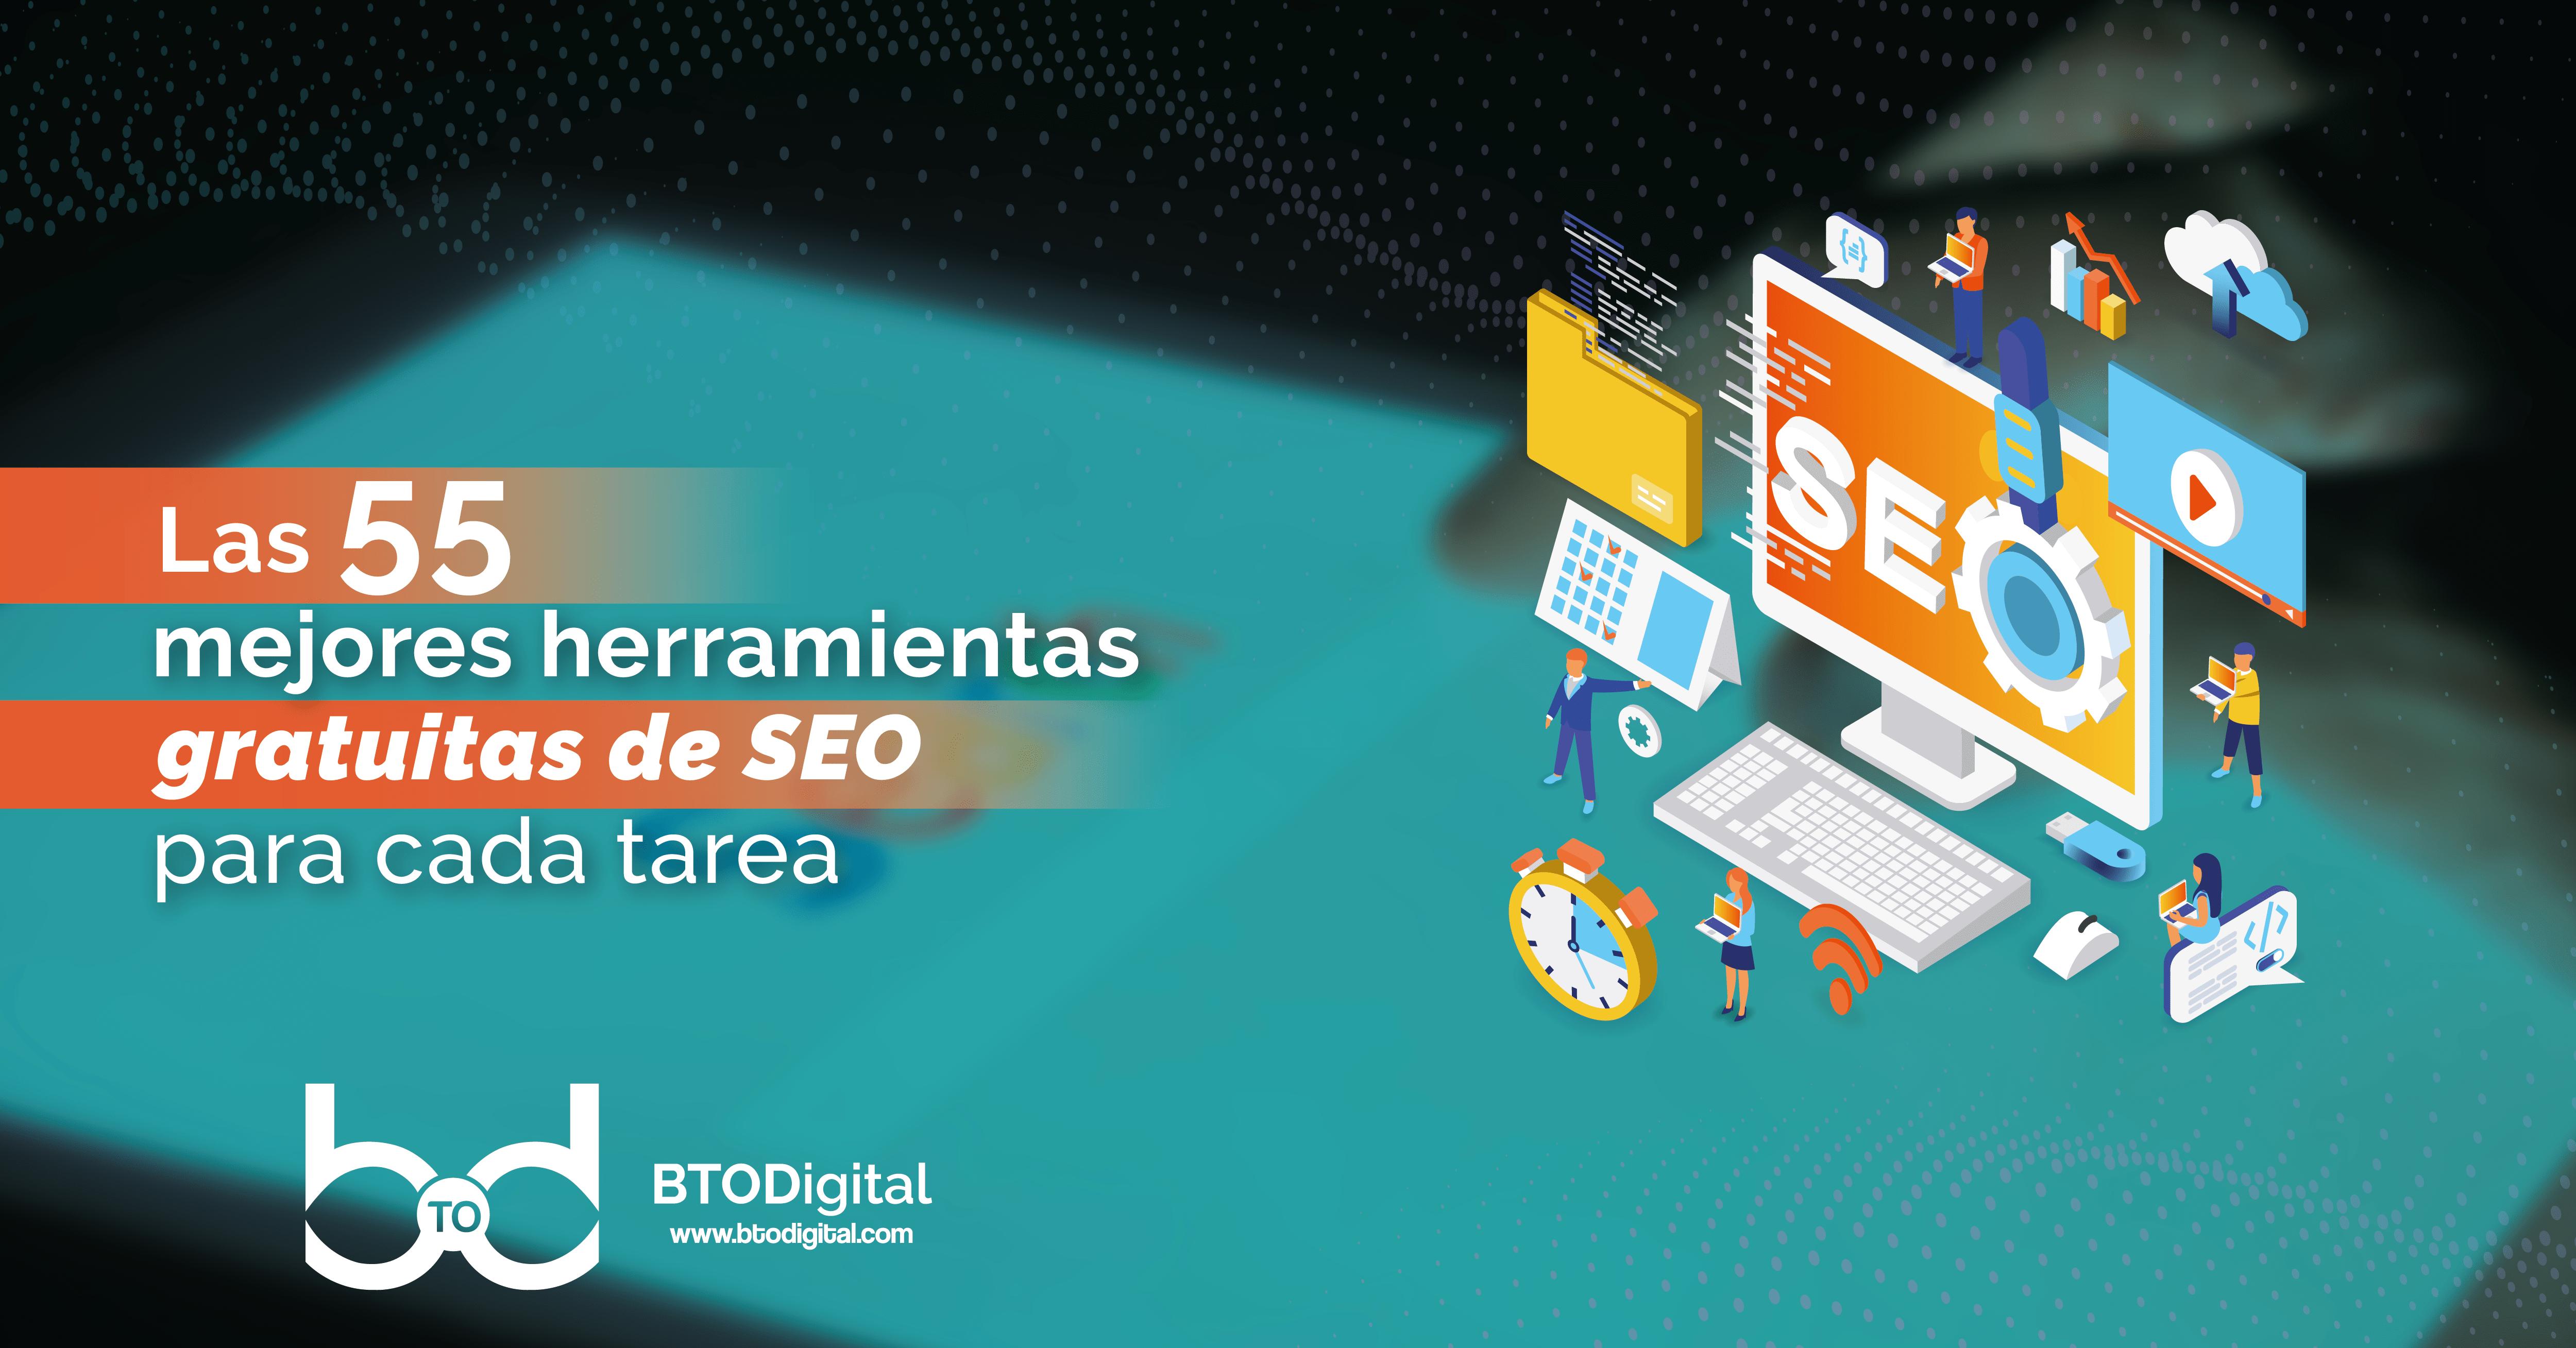 Herramientas SEO - Agencia SEO en Colombia - BTODigital